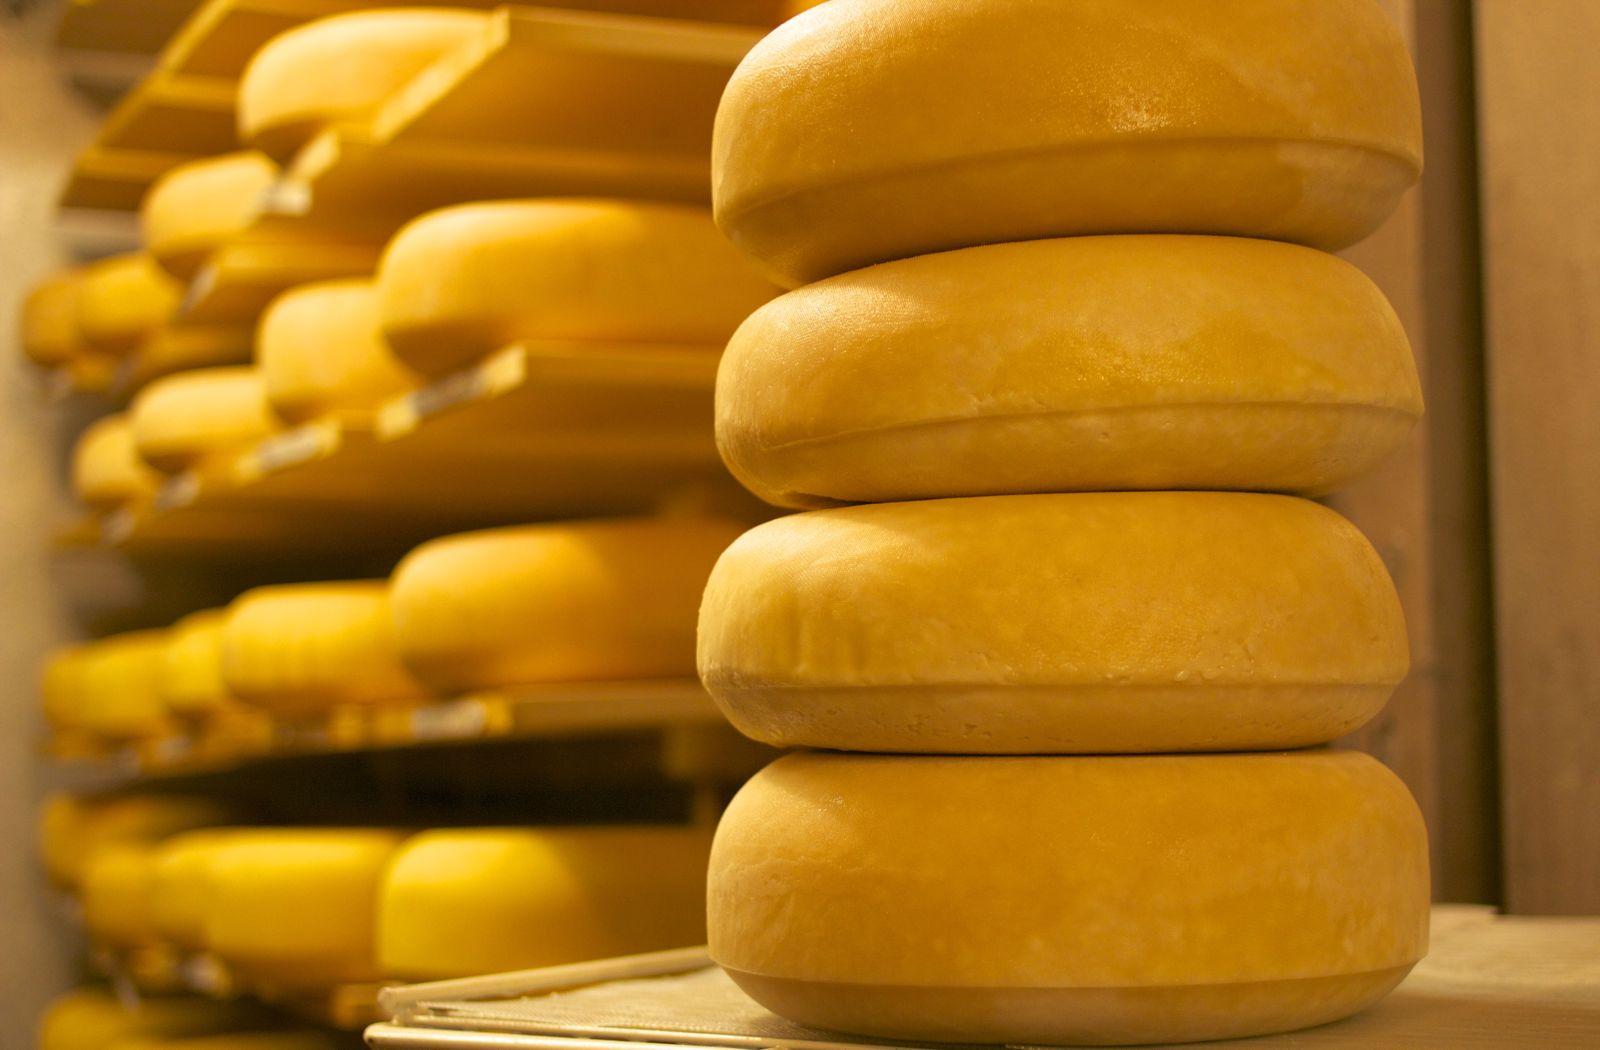 The Basics of Cheesemaking